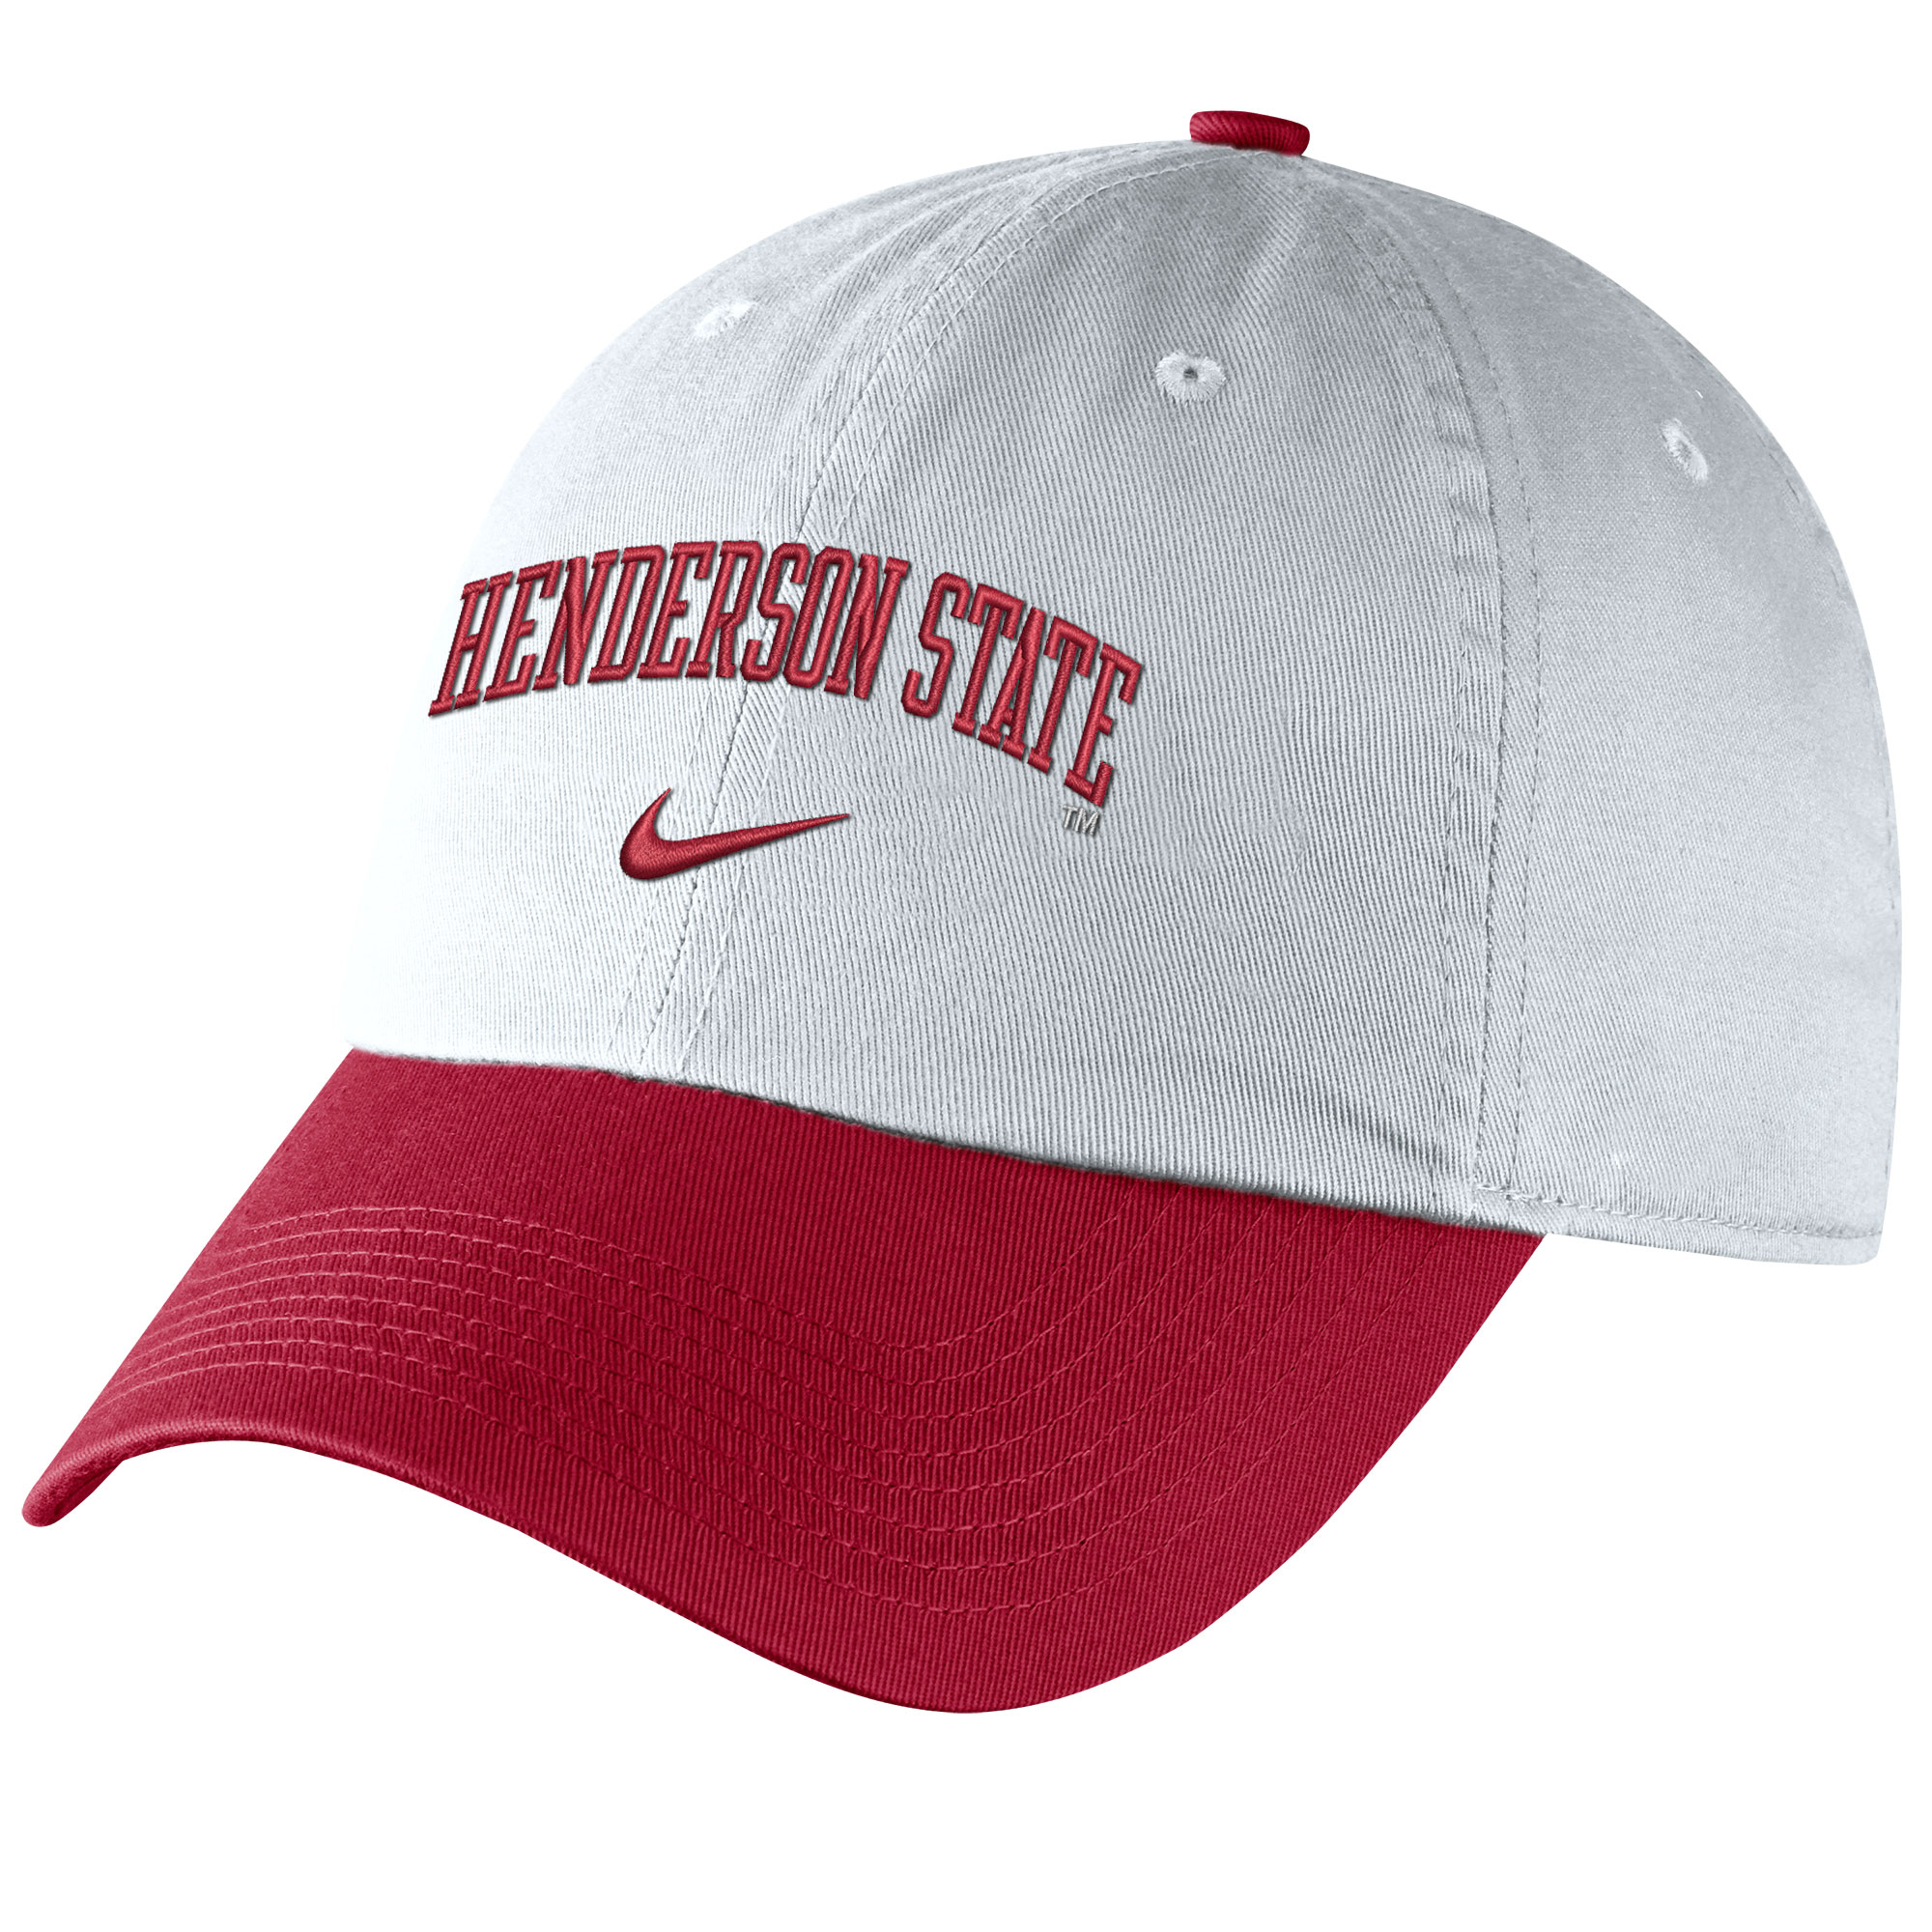 Henderson State Campus Hat